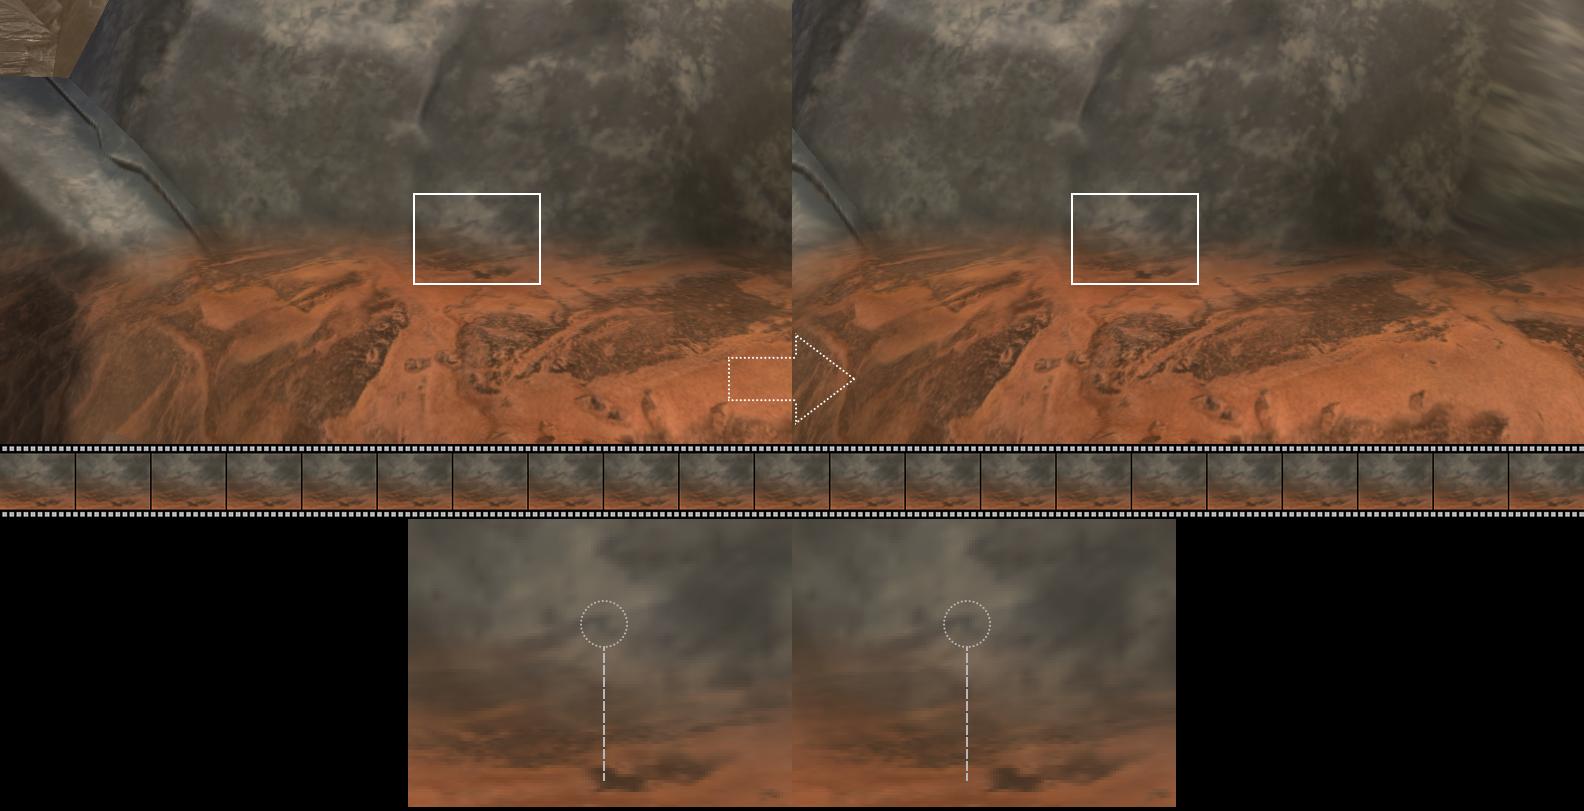 Блендинг и Unity Terrain: как избавиться от пересечений и перестать делать глазам больно - 5